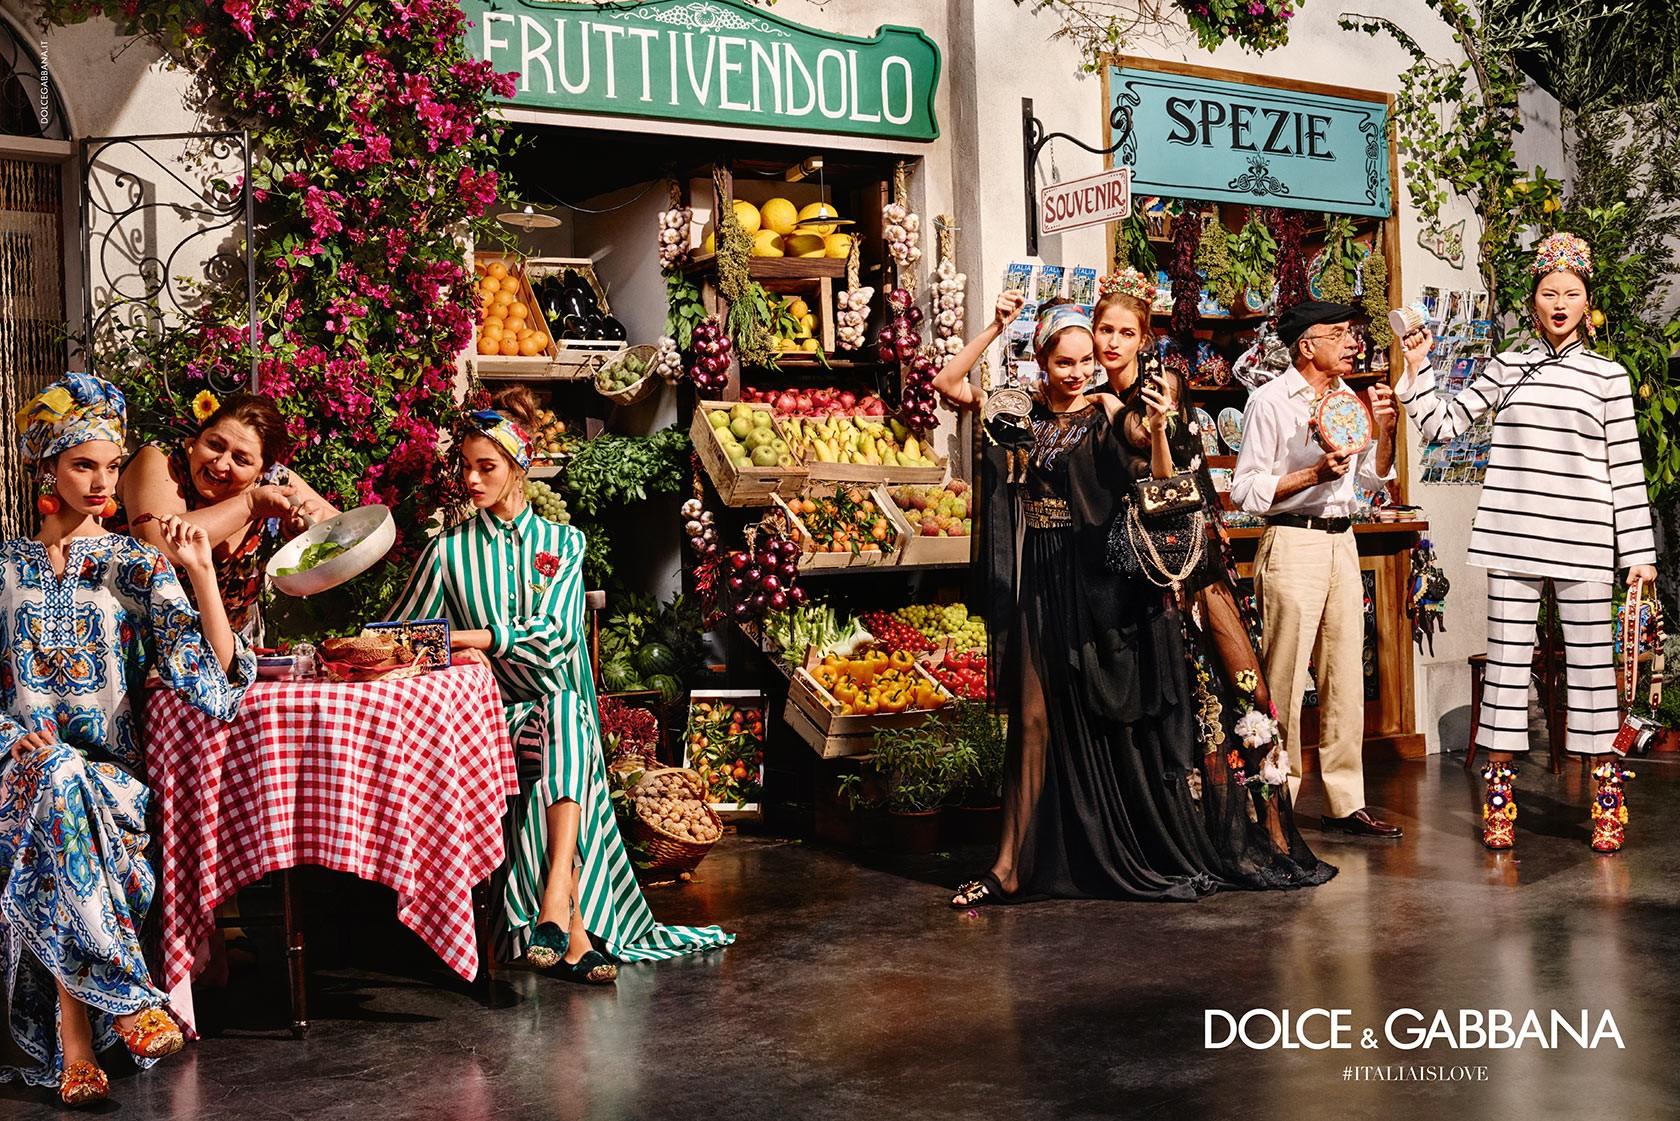 dolce and gabanna customer